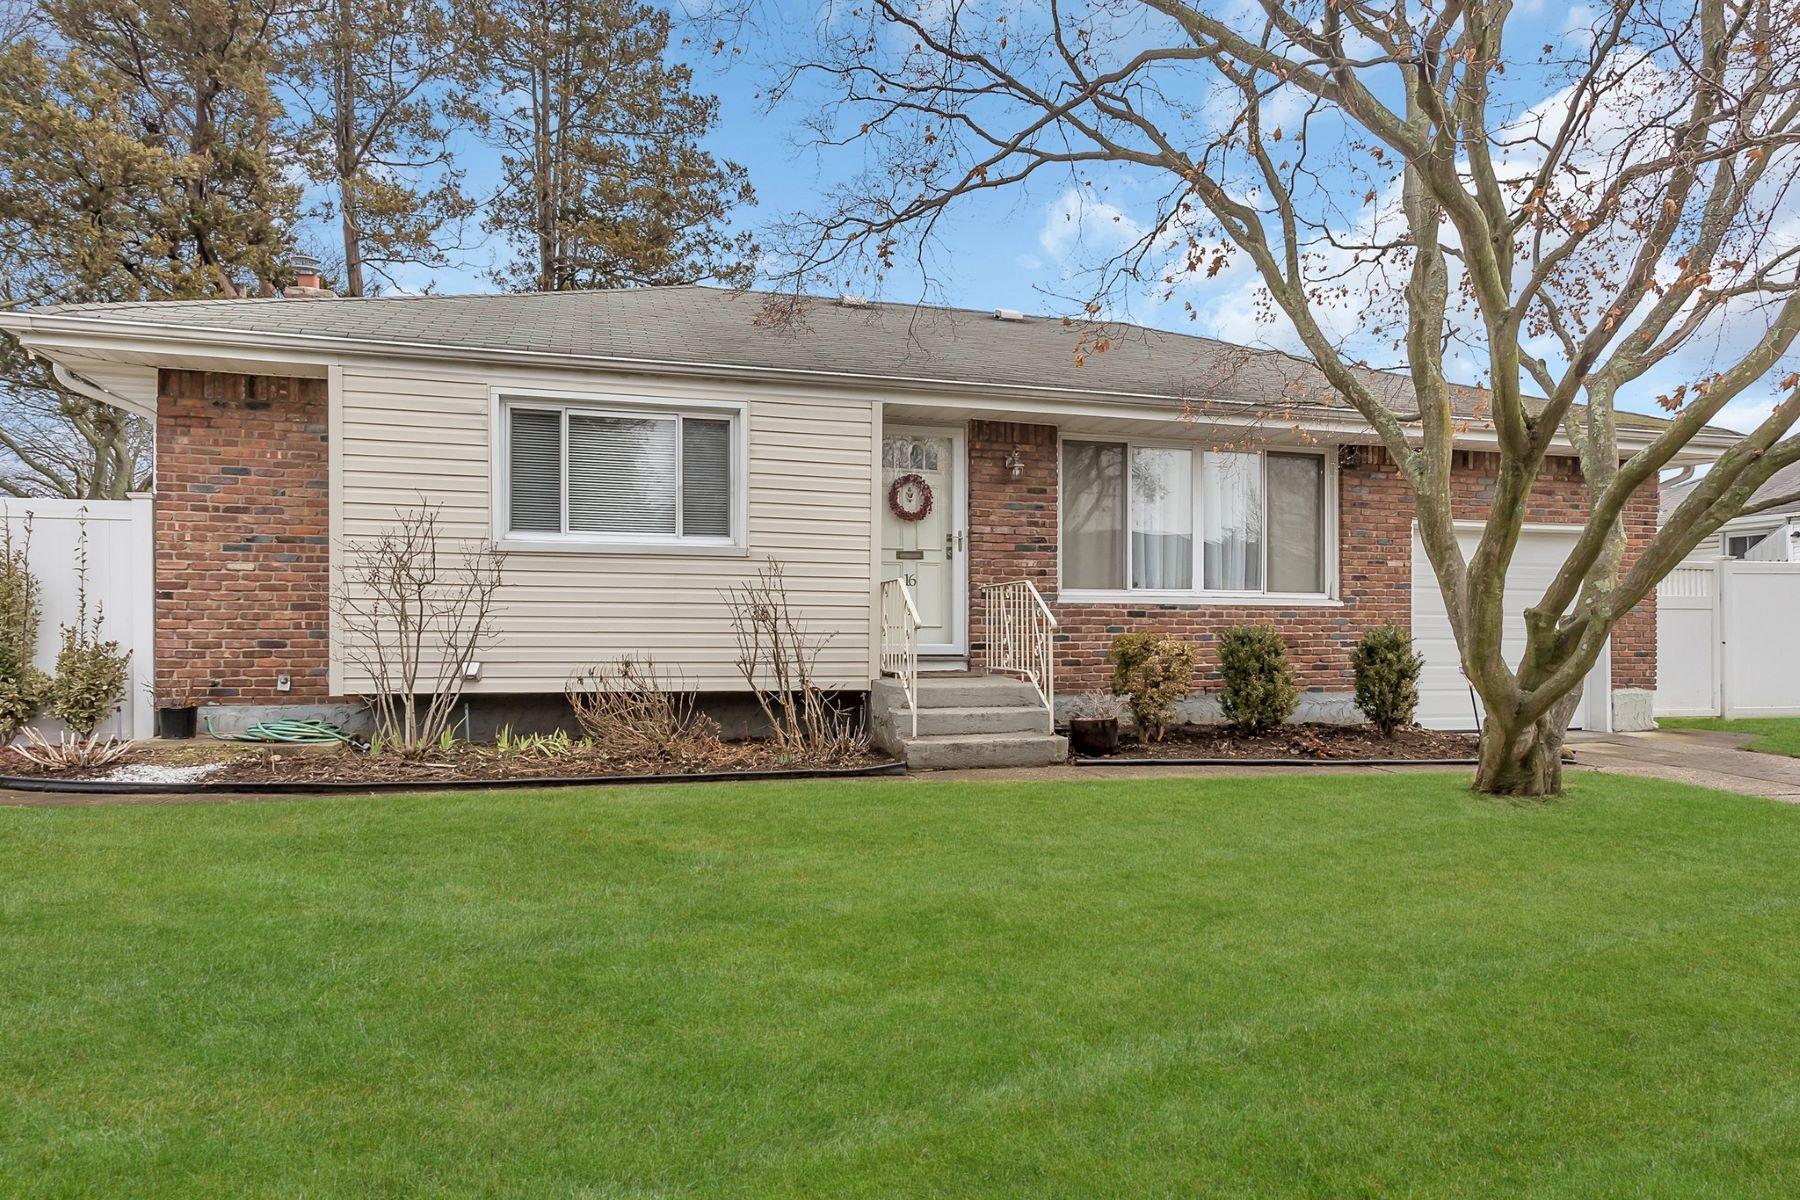 Частный односемейный дом для того Продажа на 16 Park Ct , Plainview, NY 11803 16 Park Ct, Plainview, Нью-Йорк, 11803 Соединенные Штаты